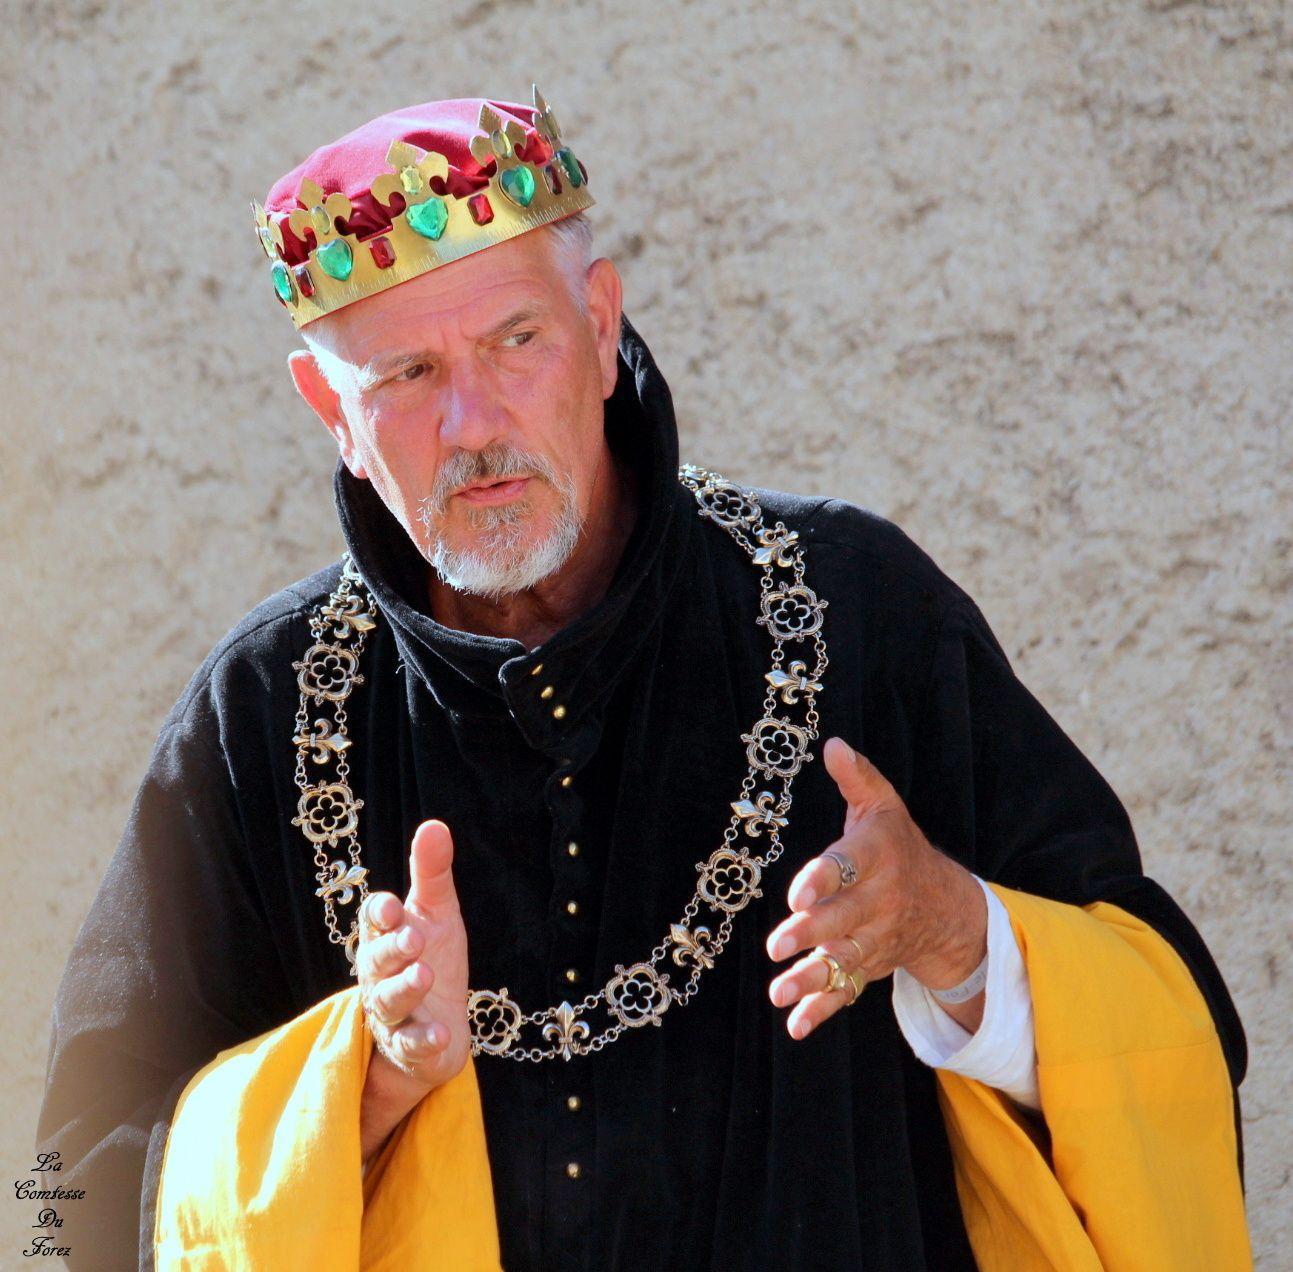 Fêtes médiévale de Montrond-les-Bains (Le Roi)